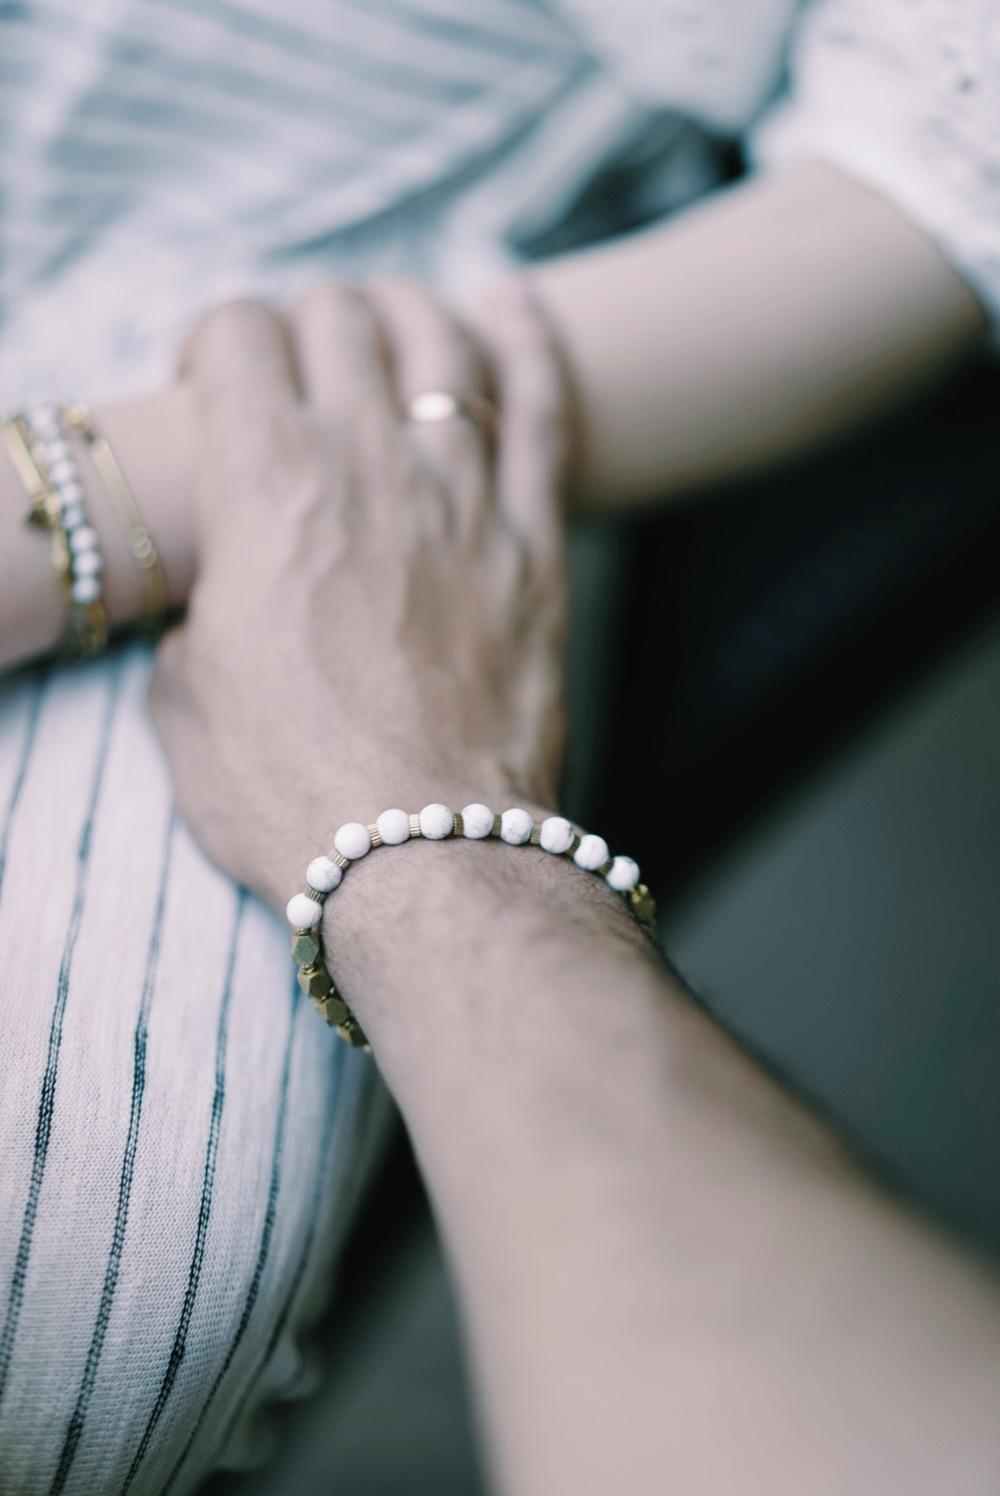 白松石黃銅手環